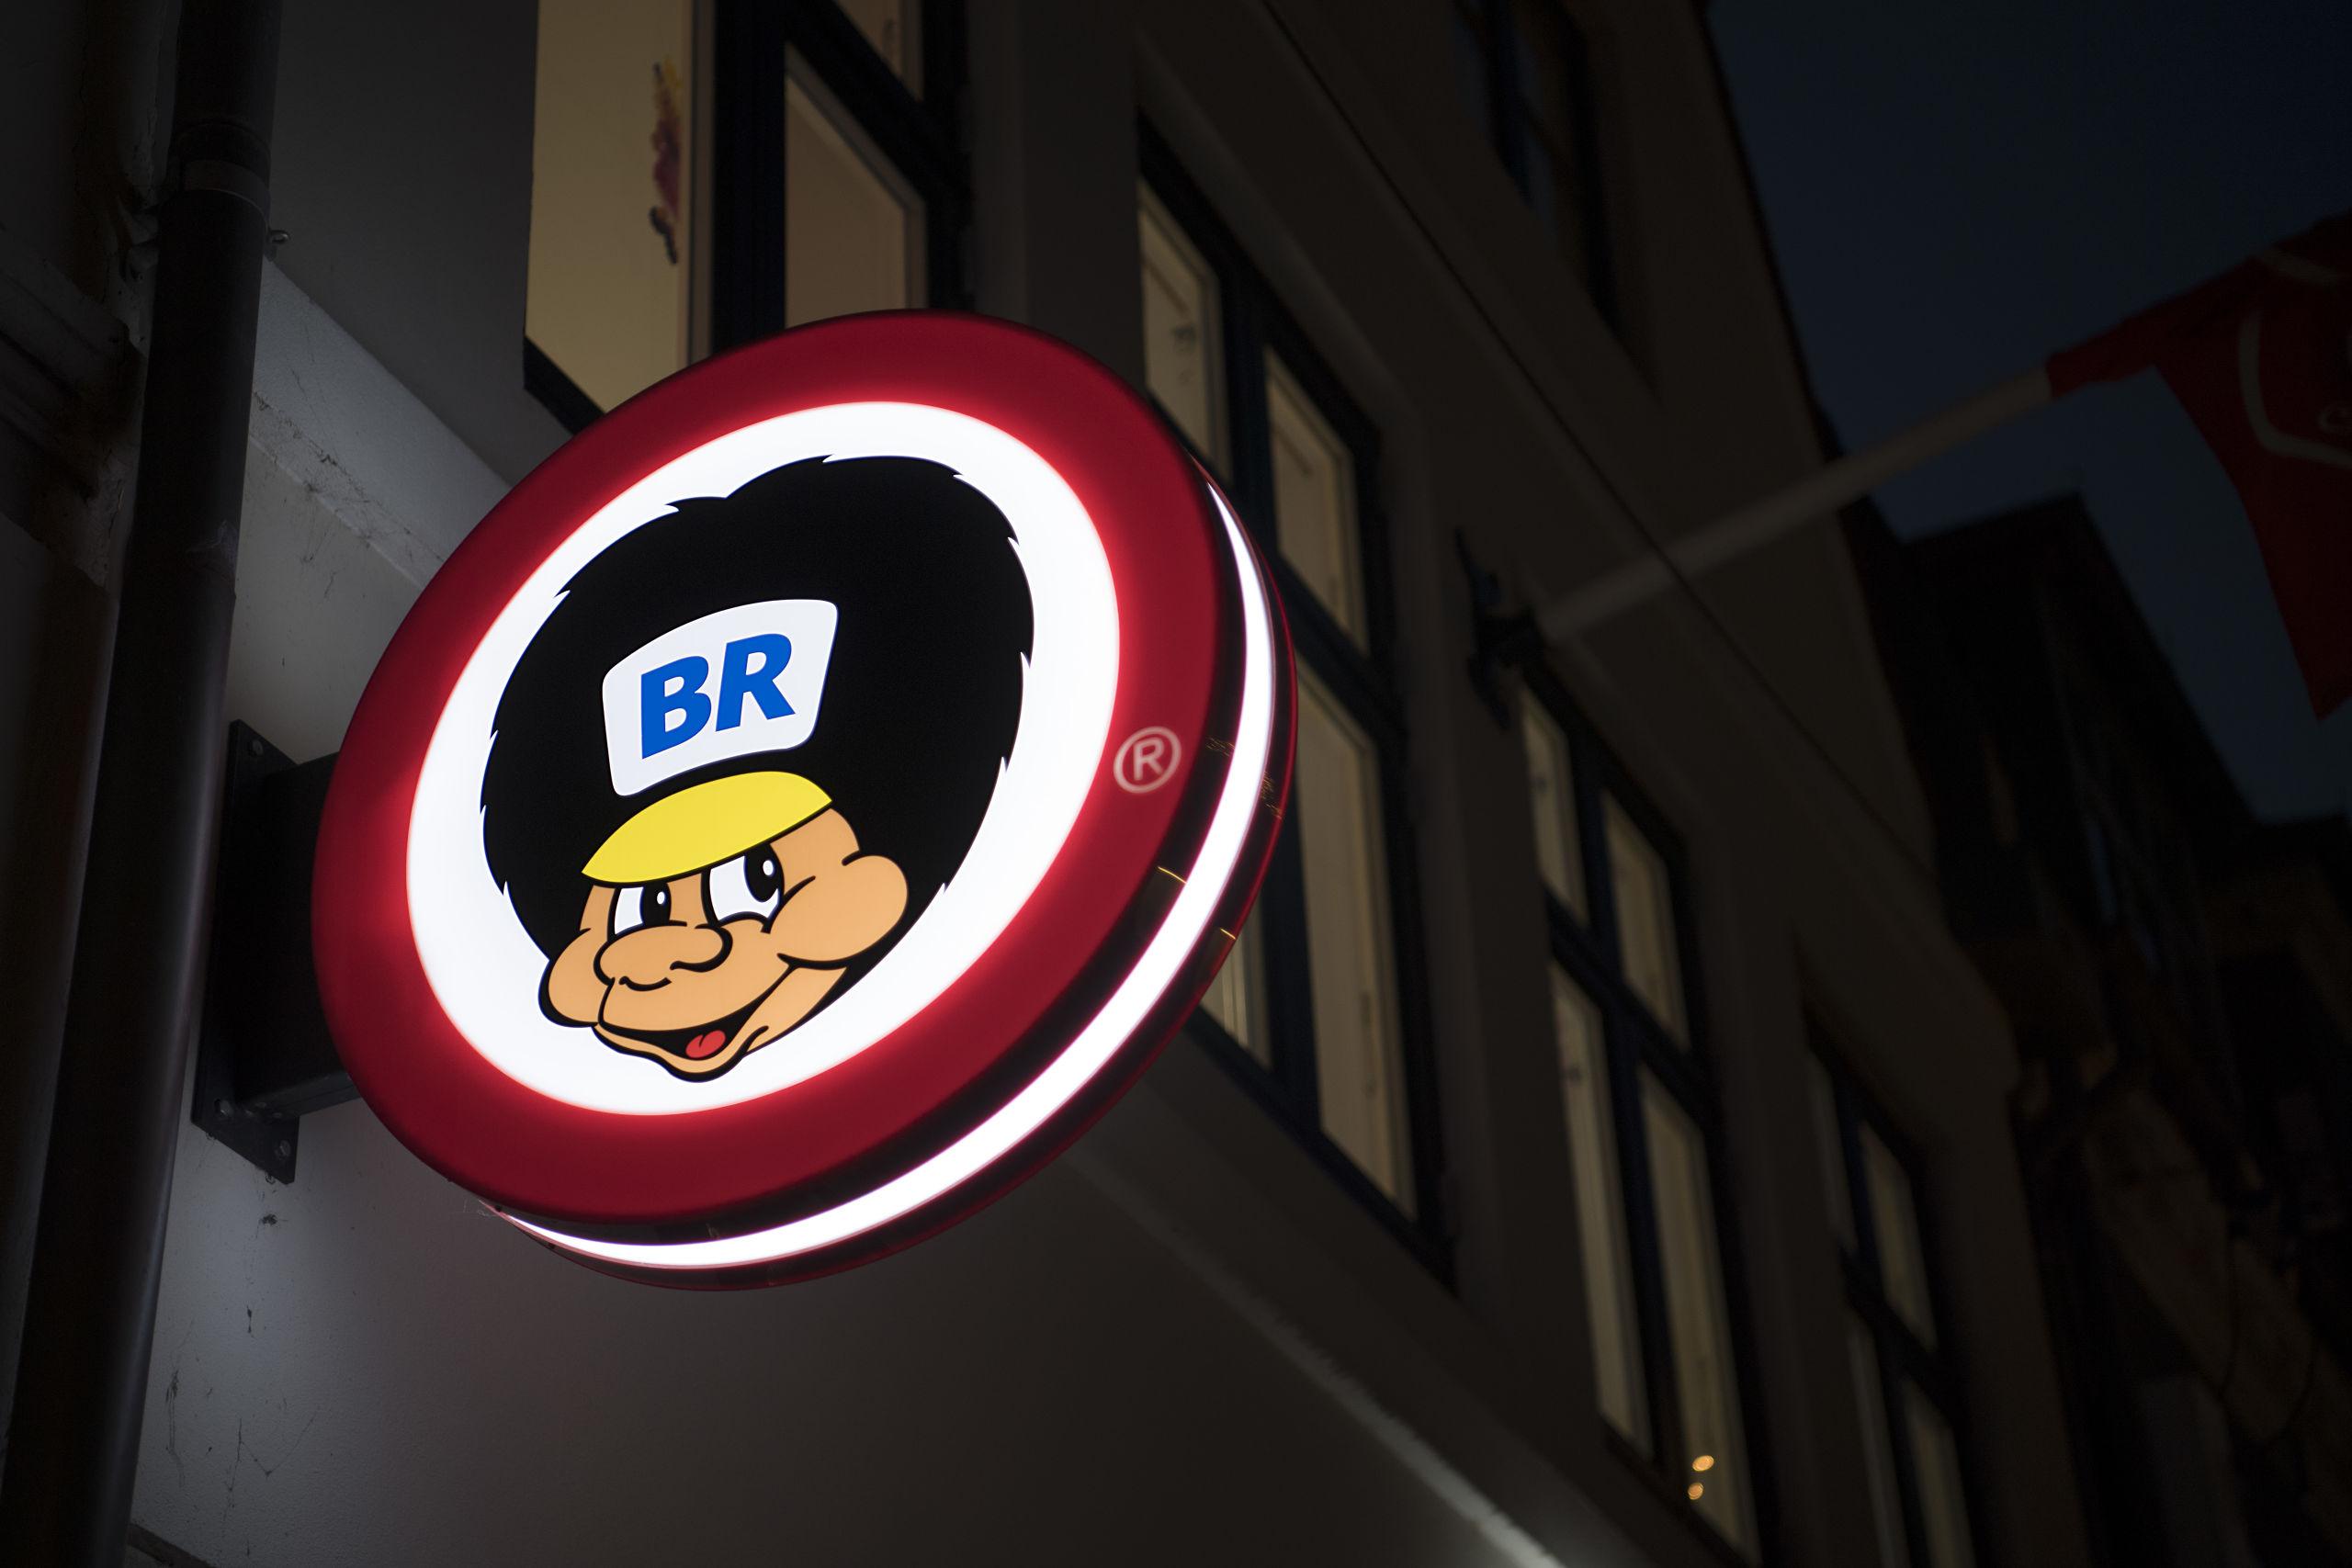 Så er det bekræftet: Fætter BR genåbner i Aalborg